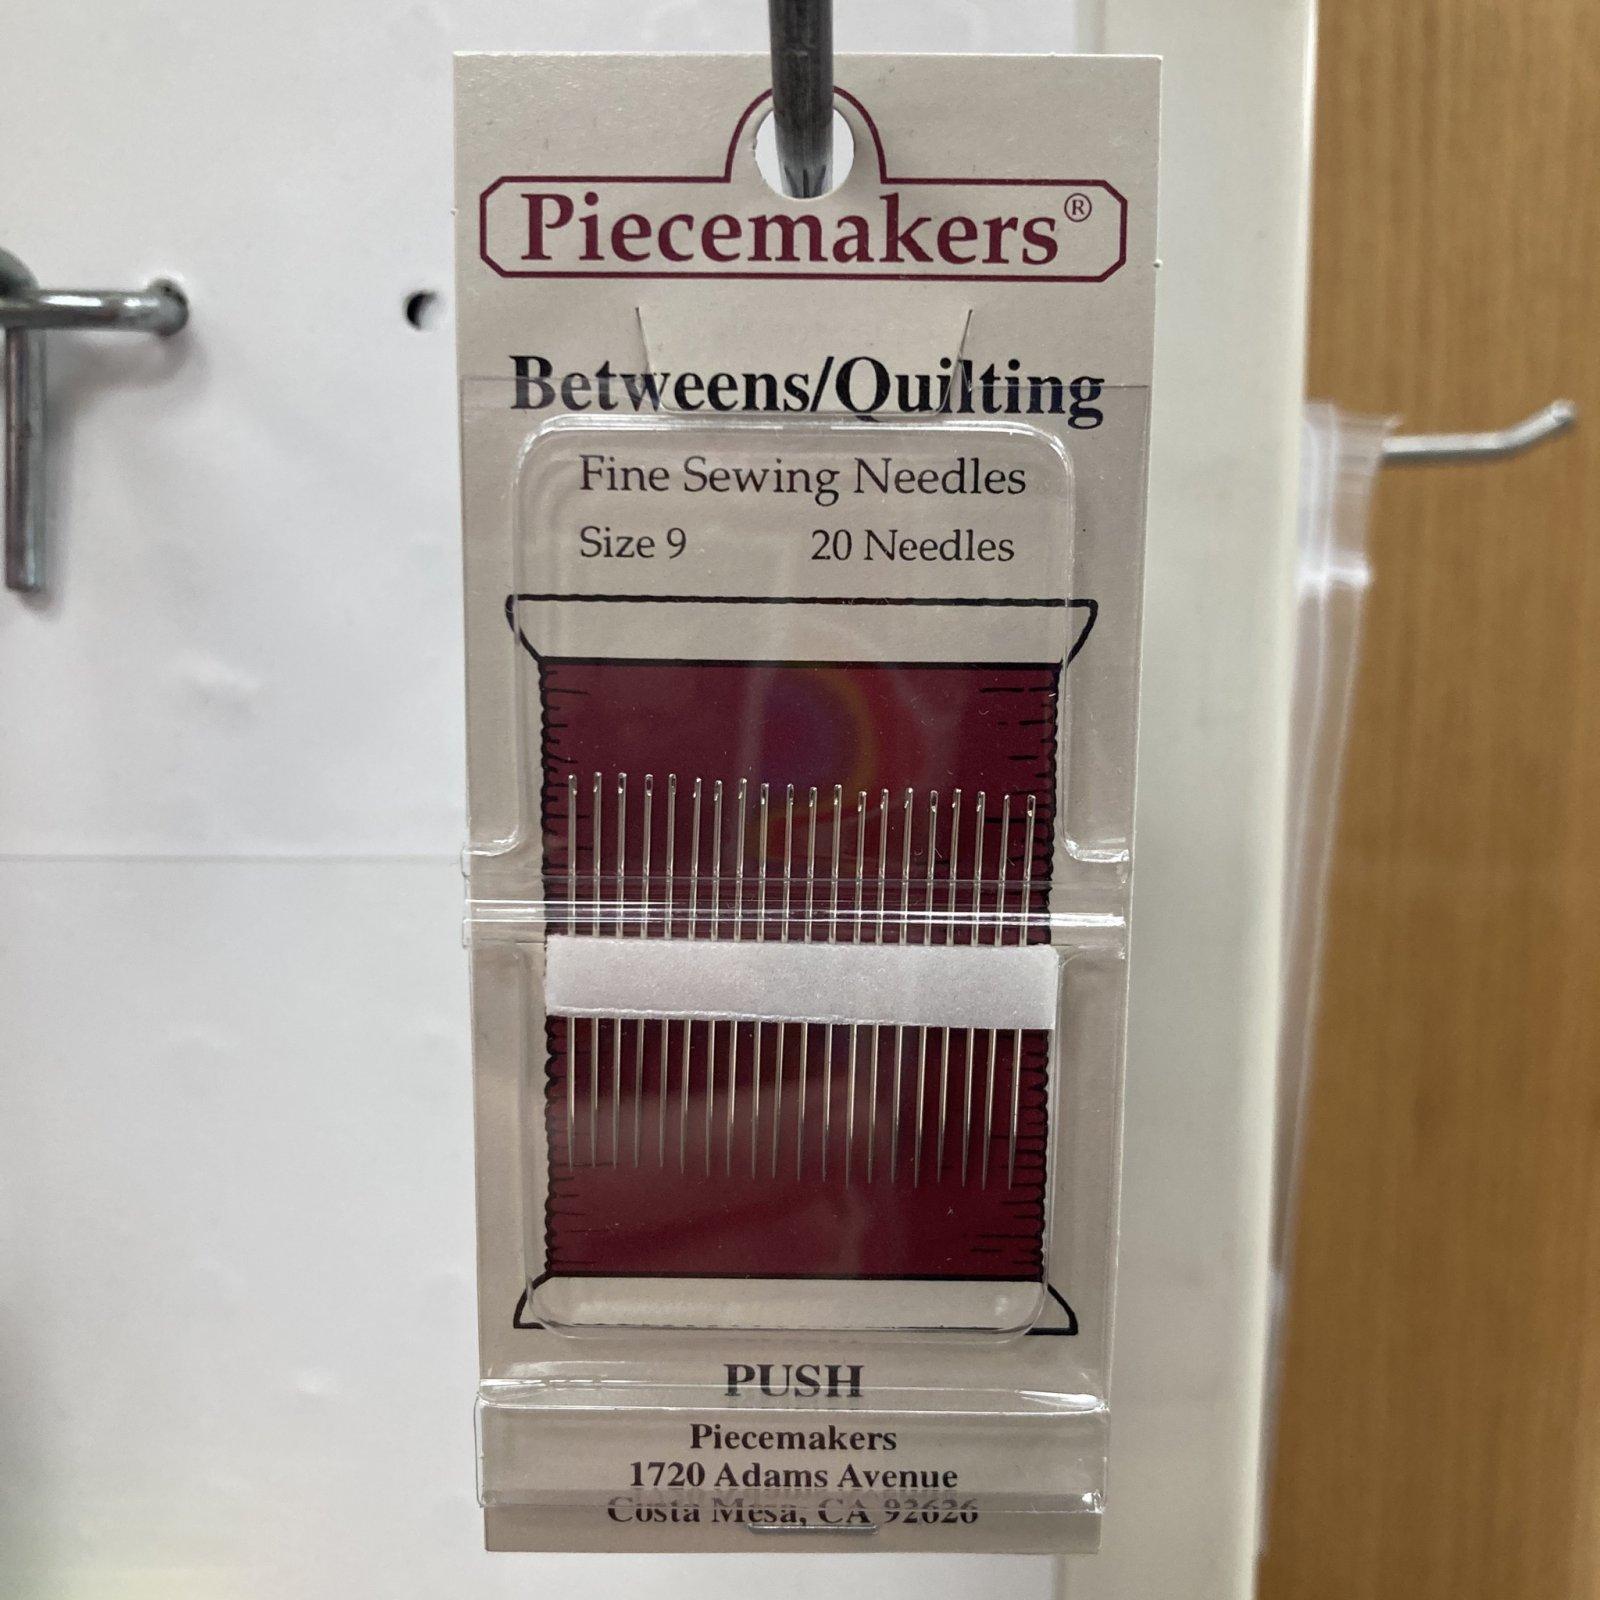 Piecemakers Betweens/Quilting Needles Sz 9 - 20 Needles